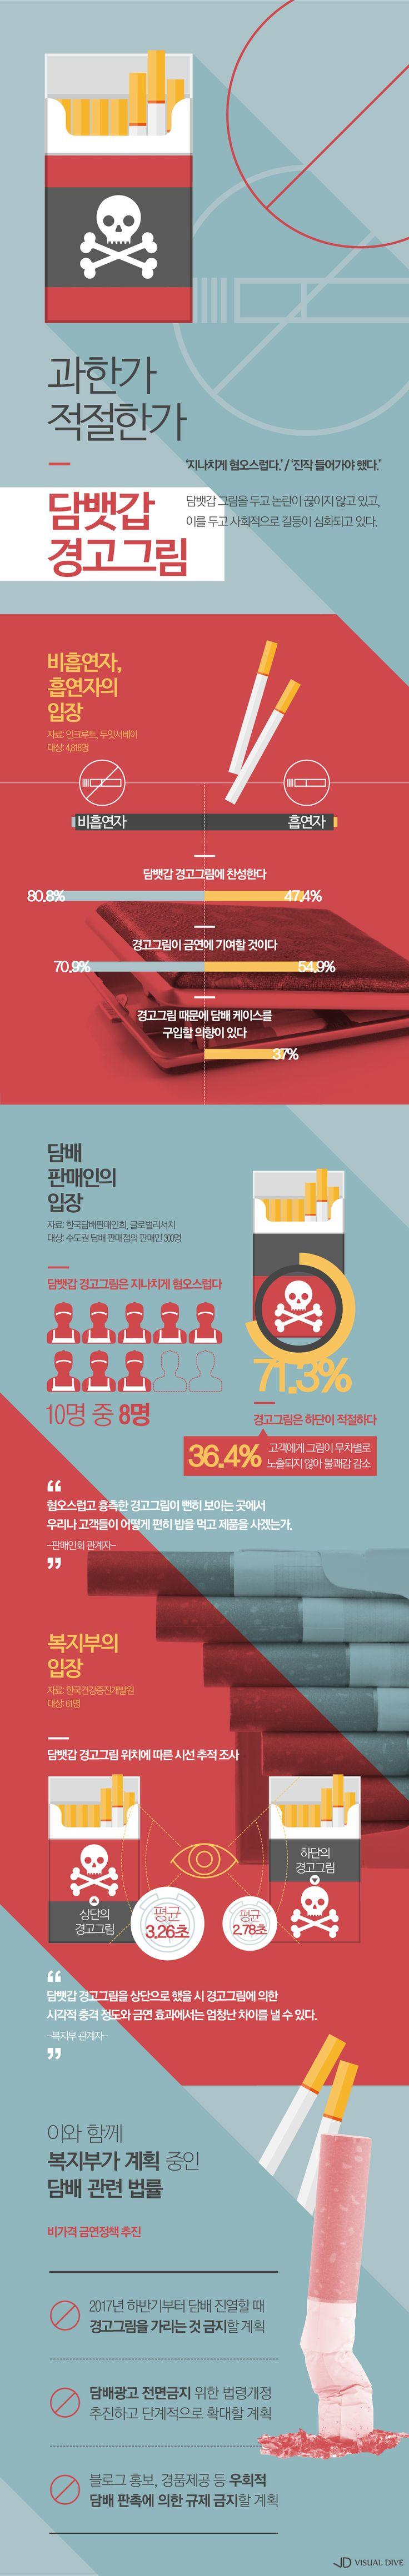 담뱃갑 경고그림, 과하다 vs 과하지 않다… 의견대립 '팽팽' [인포그래픽] #smoke / #Infographic ⓒ 비주얼다이브 무단 복사·전재·재배포 금지